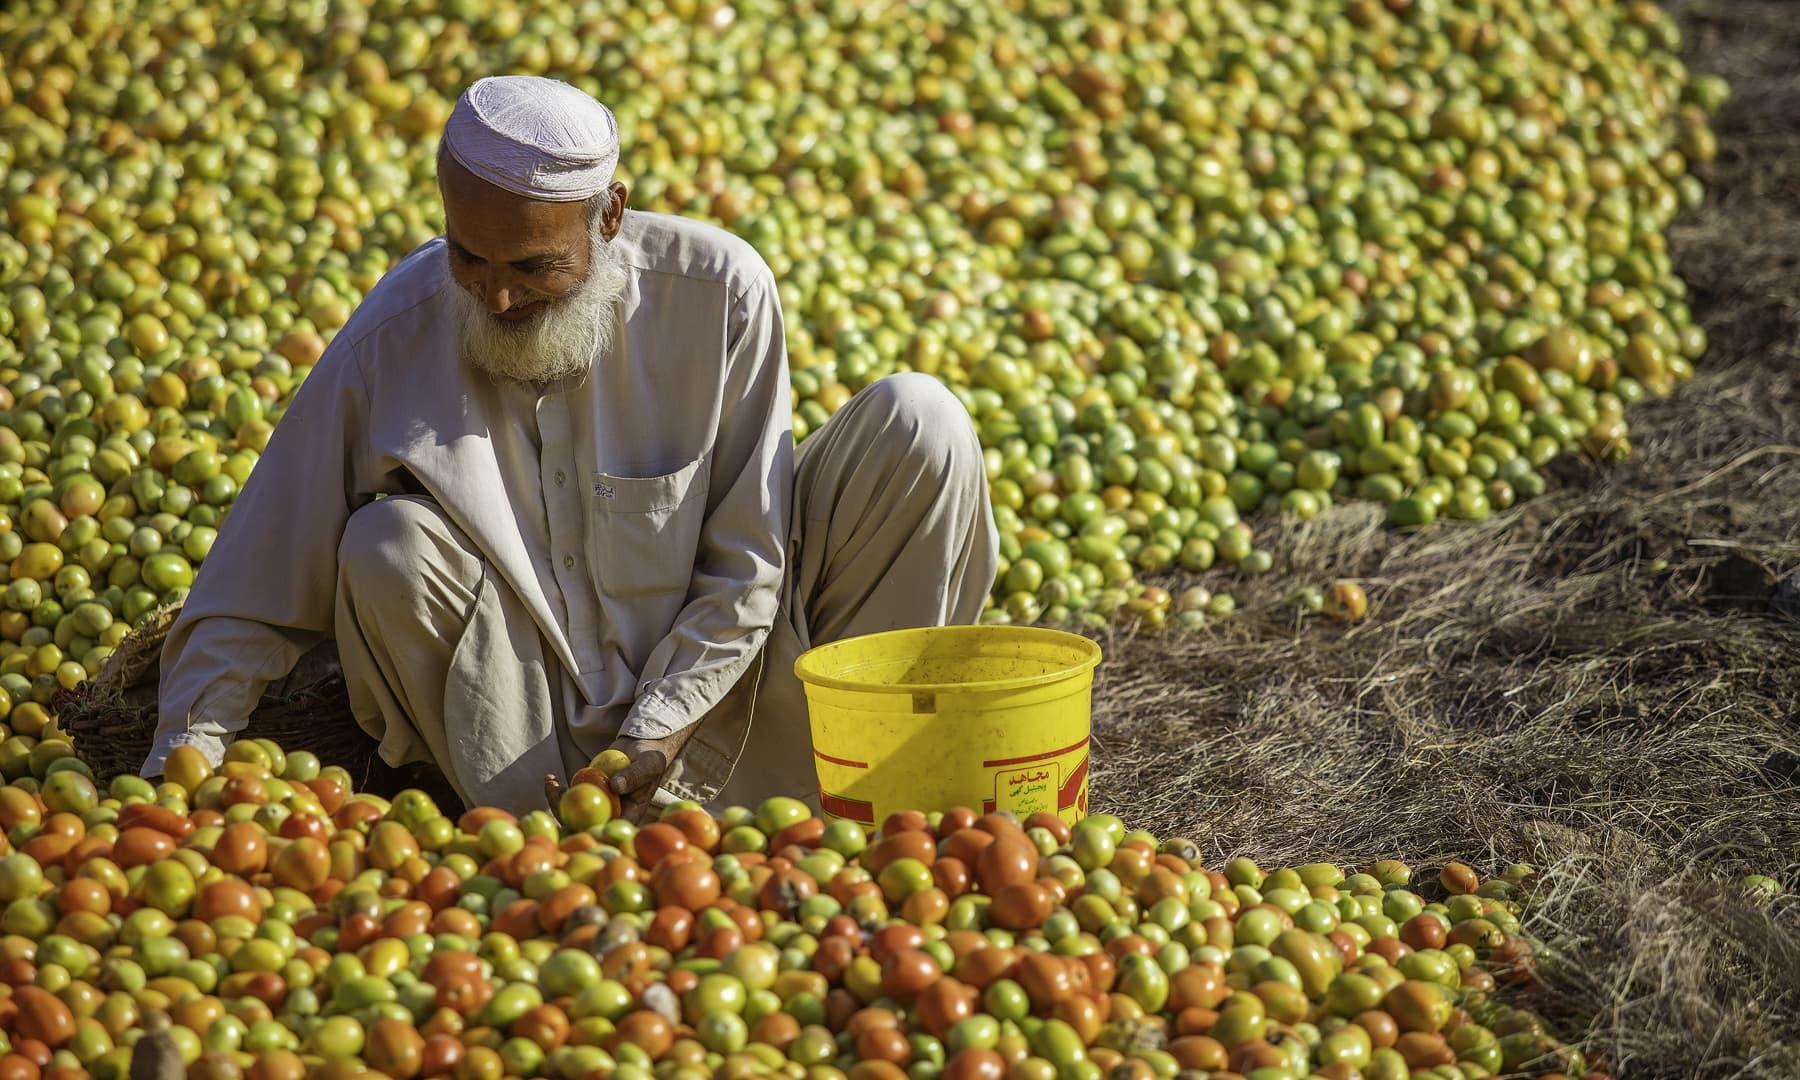 خستہ باز خان اپنے کھیت میں کام کر رہا ہے. — فوٹو سید مہدی بخاری۔